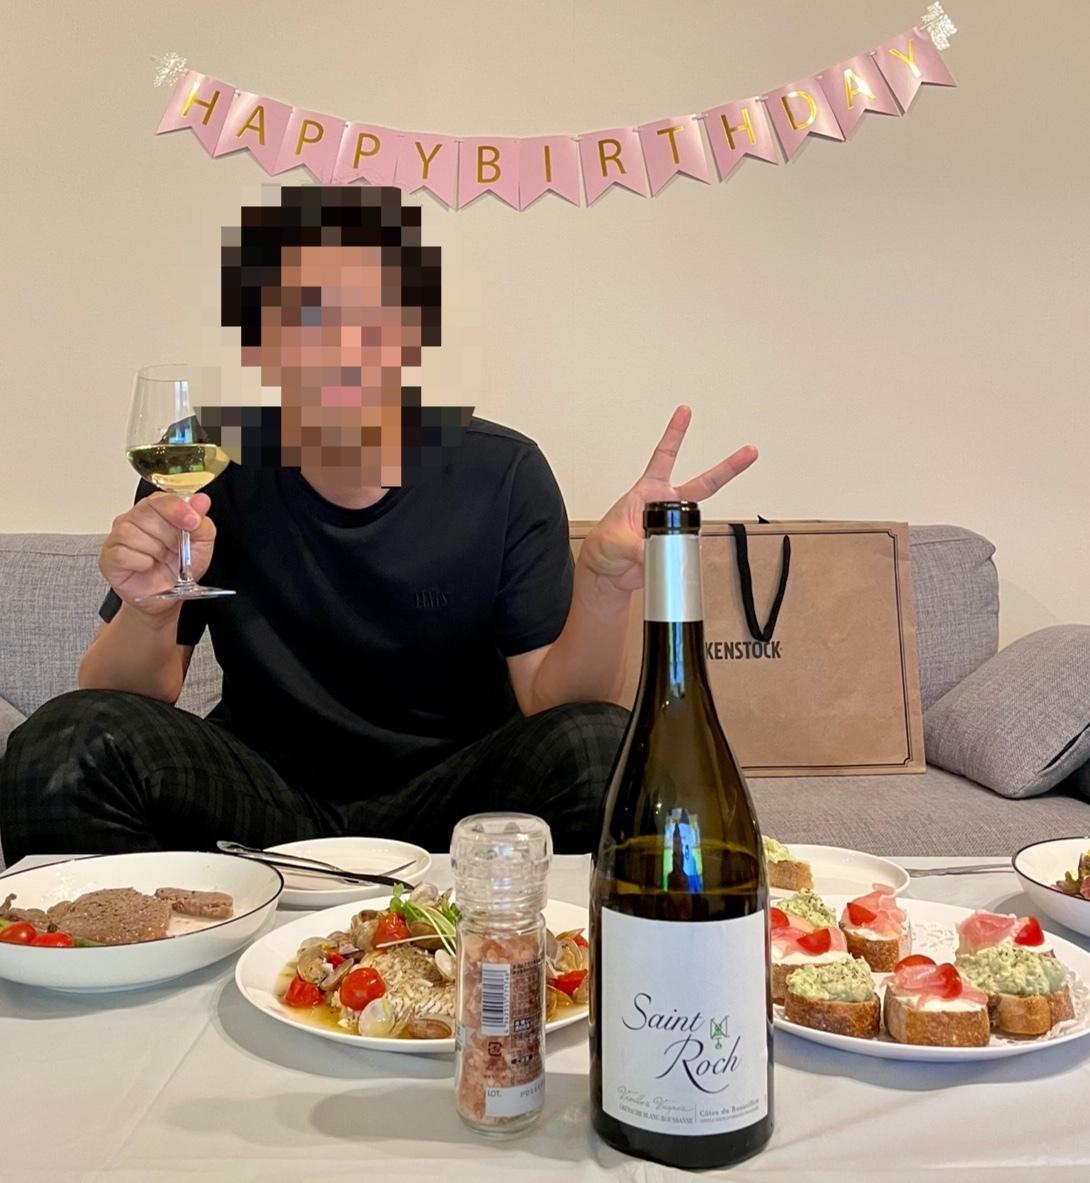 【おうちじかん】お誕生日ディナーはお家イタリアンしてみた!_1_1